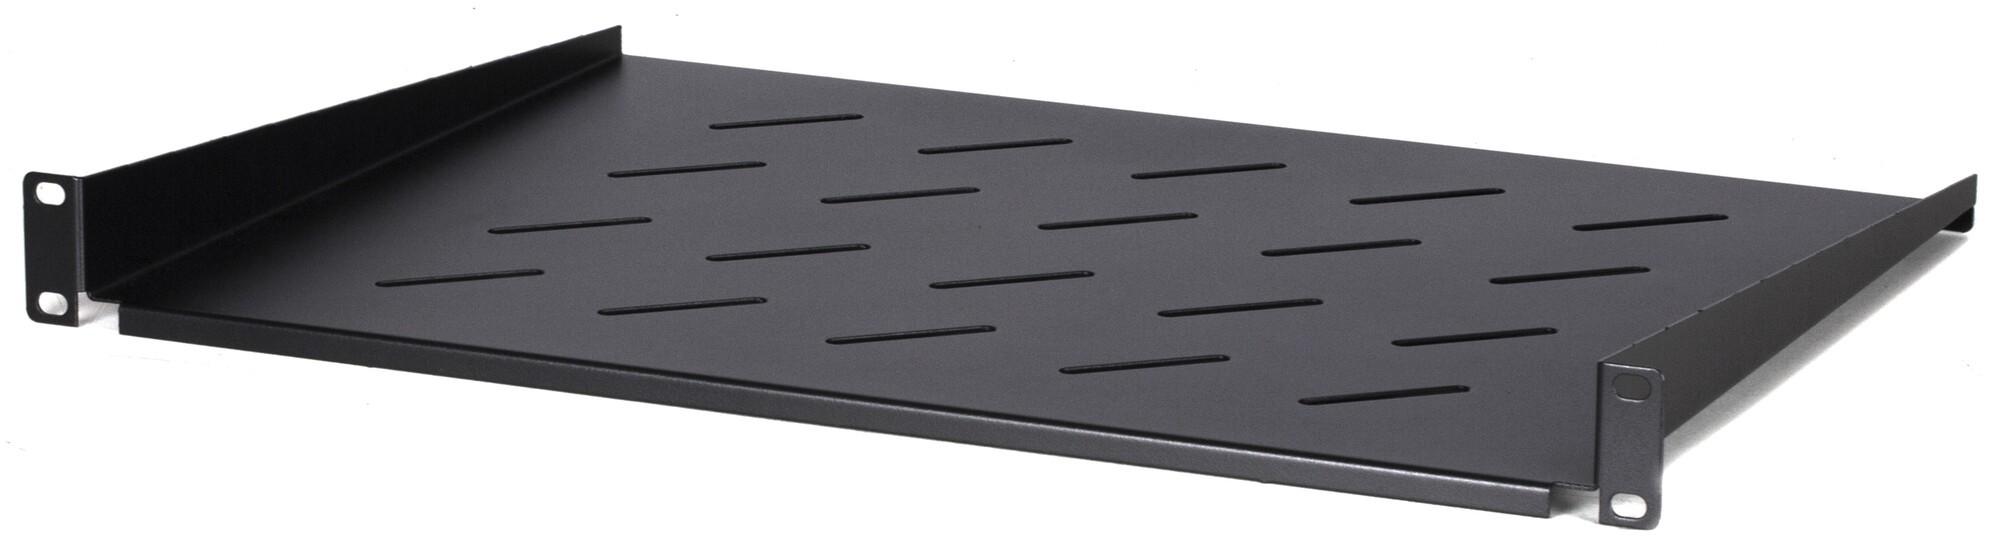 Afbeelding van 1U Legbord voor 450mm diepe wandkasten - 350mm diep (max. 8 kg)